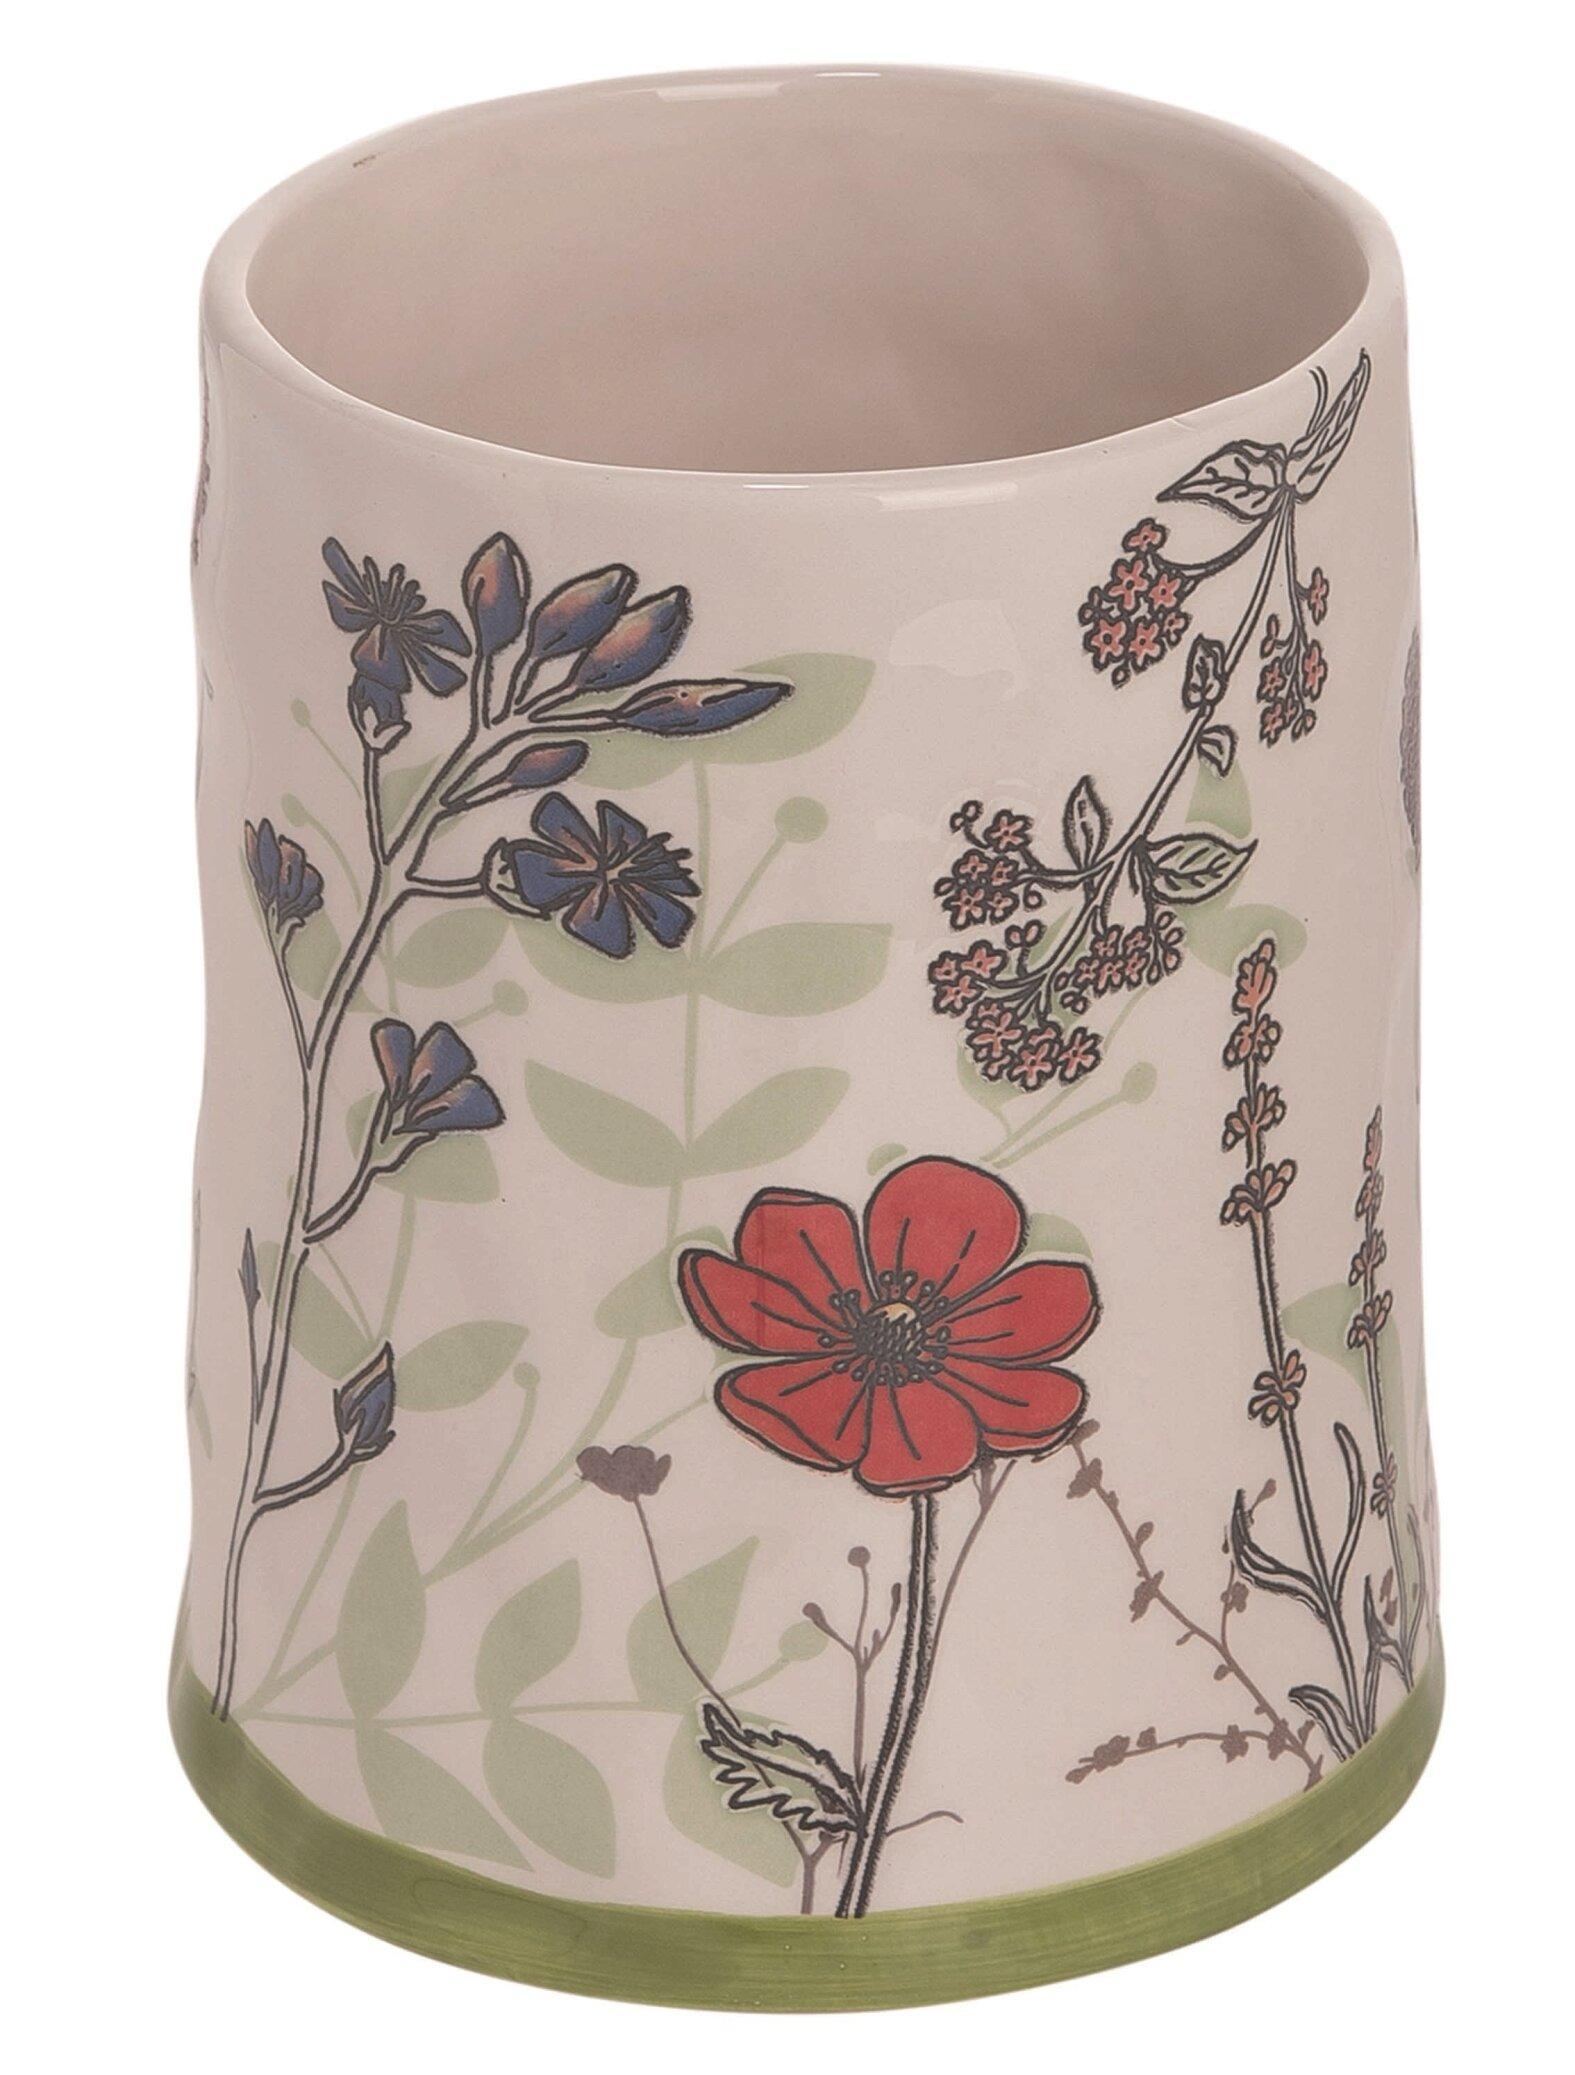 Ophelia Co Pressed Floral Print Utensil Crock Wayfair